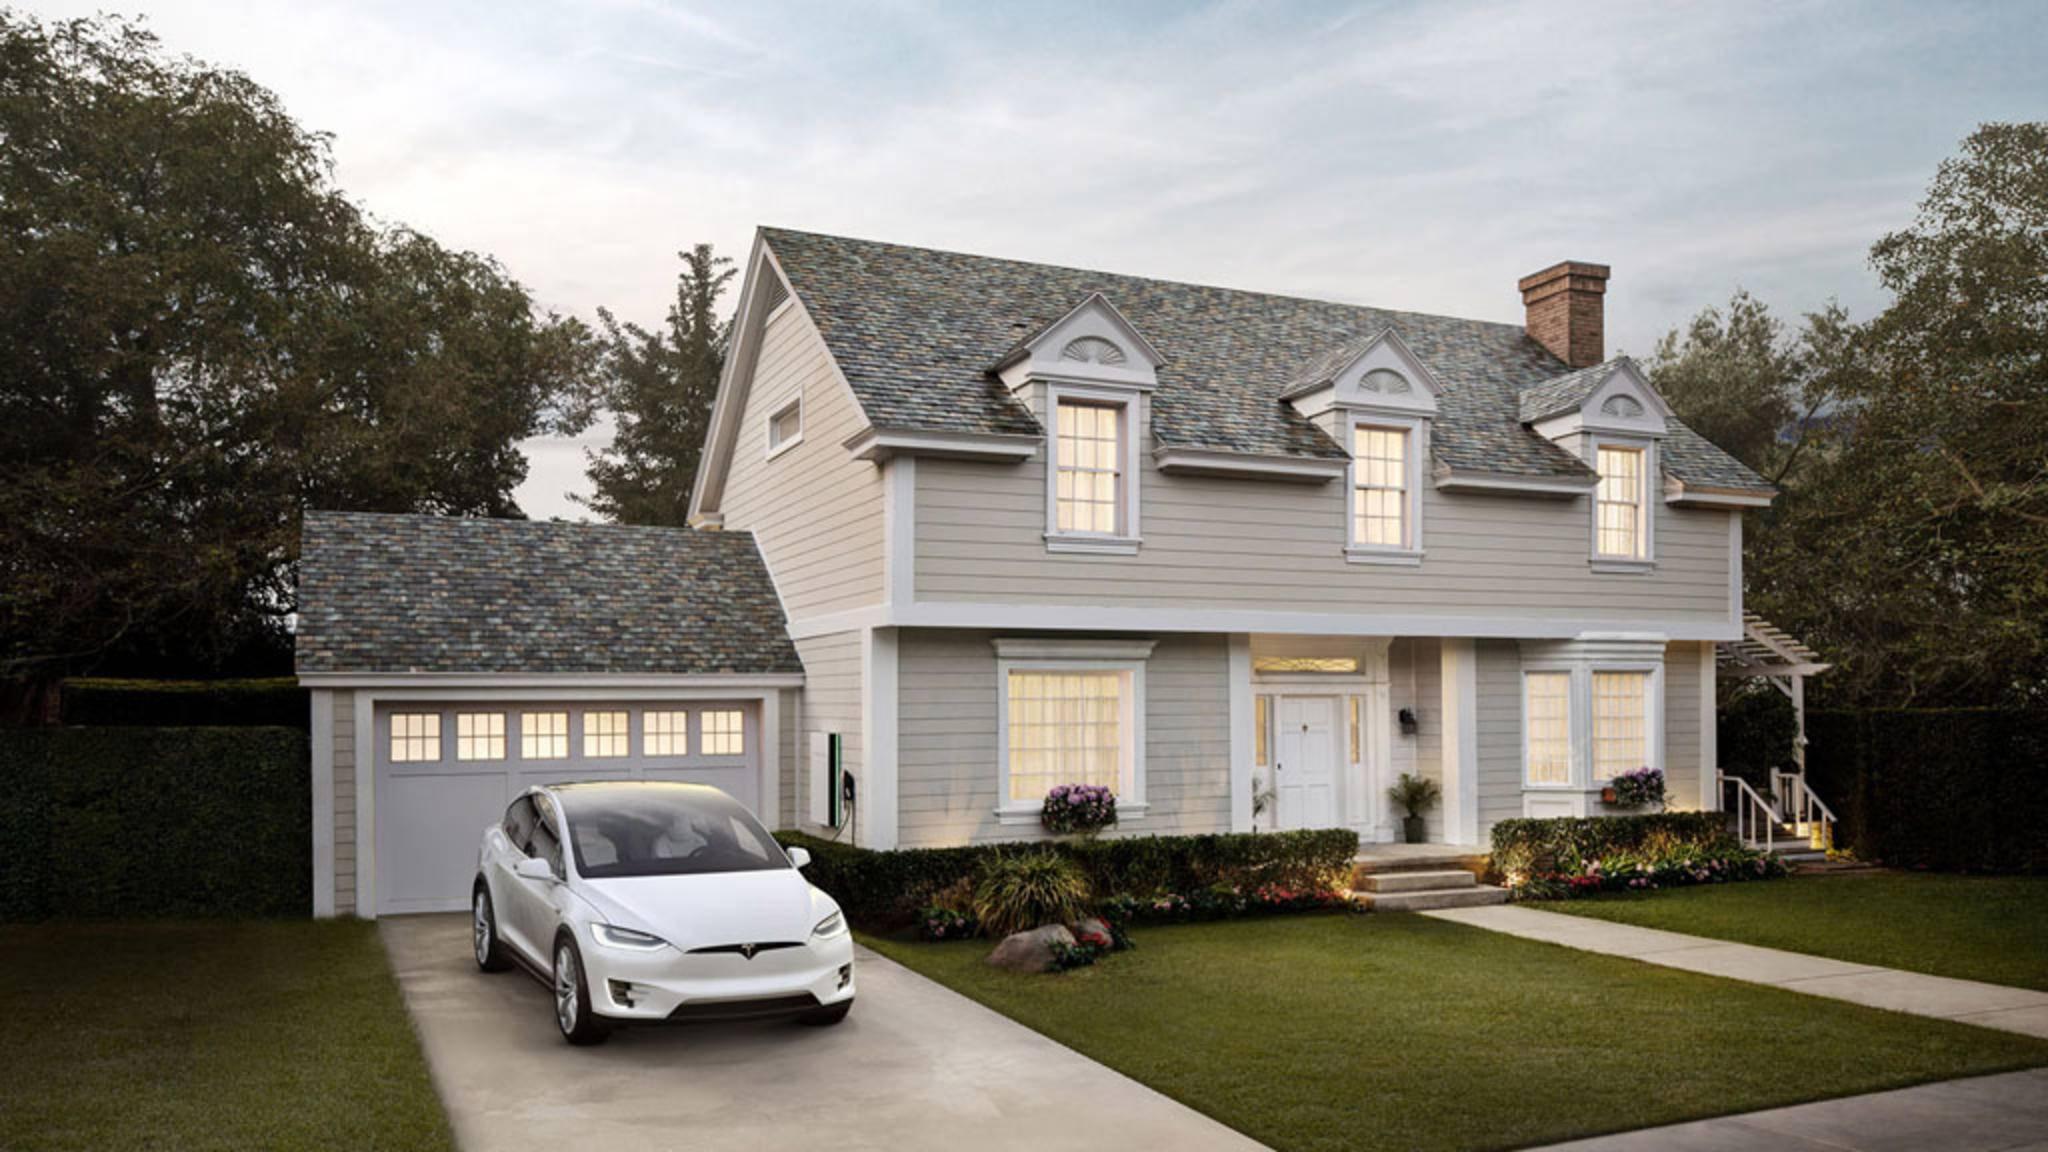 Von unten gesehen soll kein Unterschied zwischen einem Tesla-Solardach und einem regulären Dach erkennbar sein.